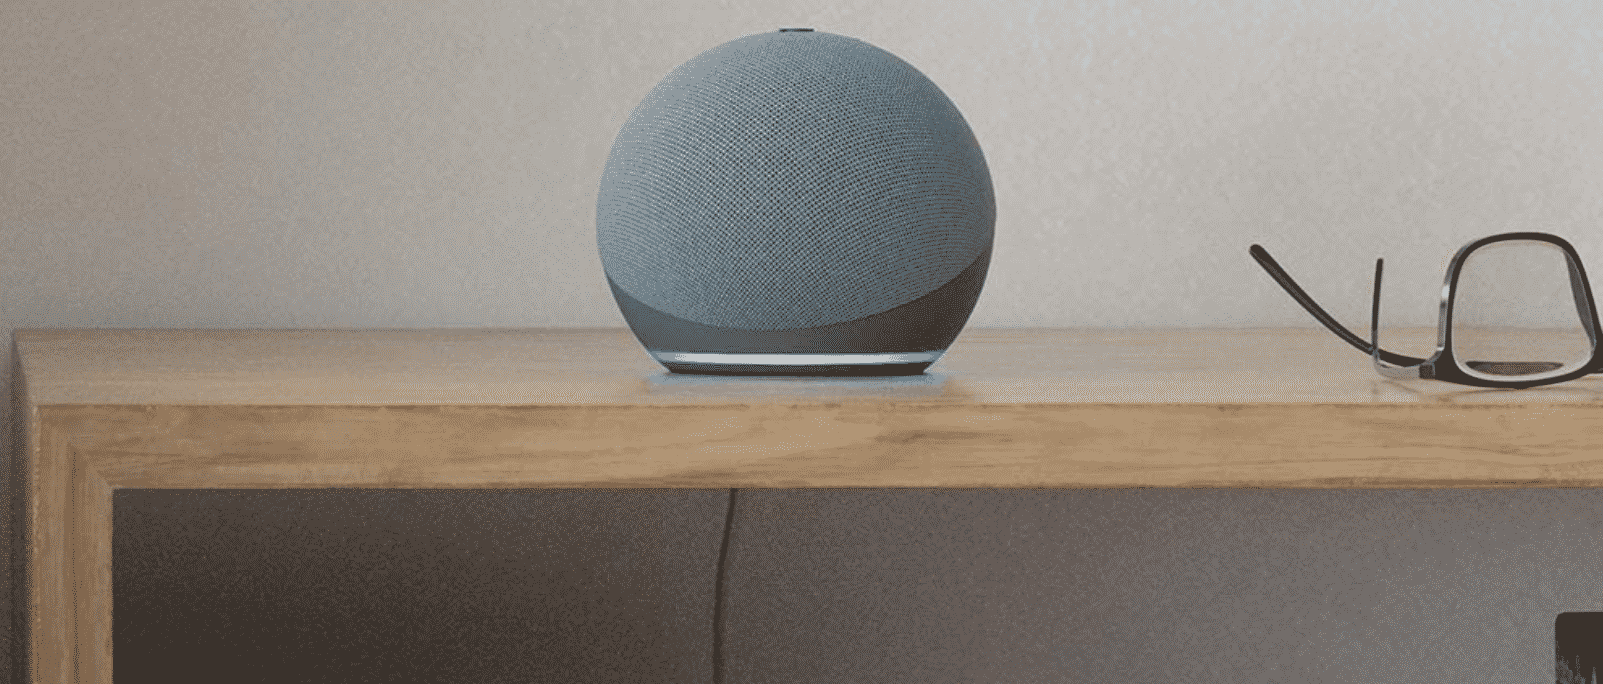 Comparatif pour choisir la meilleure enceinte Bluetooth pour la maison